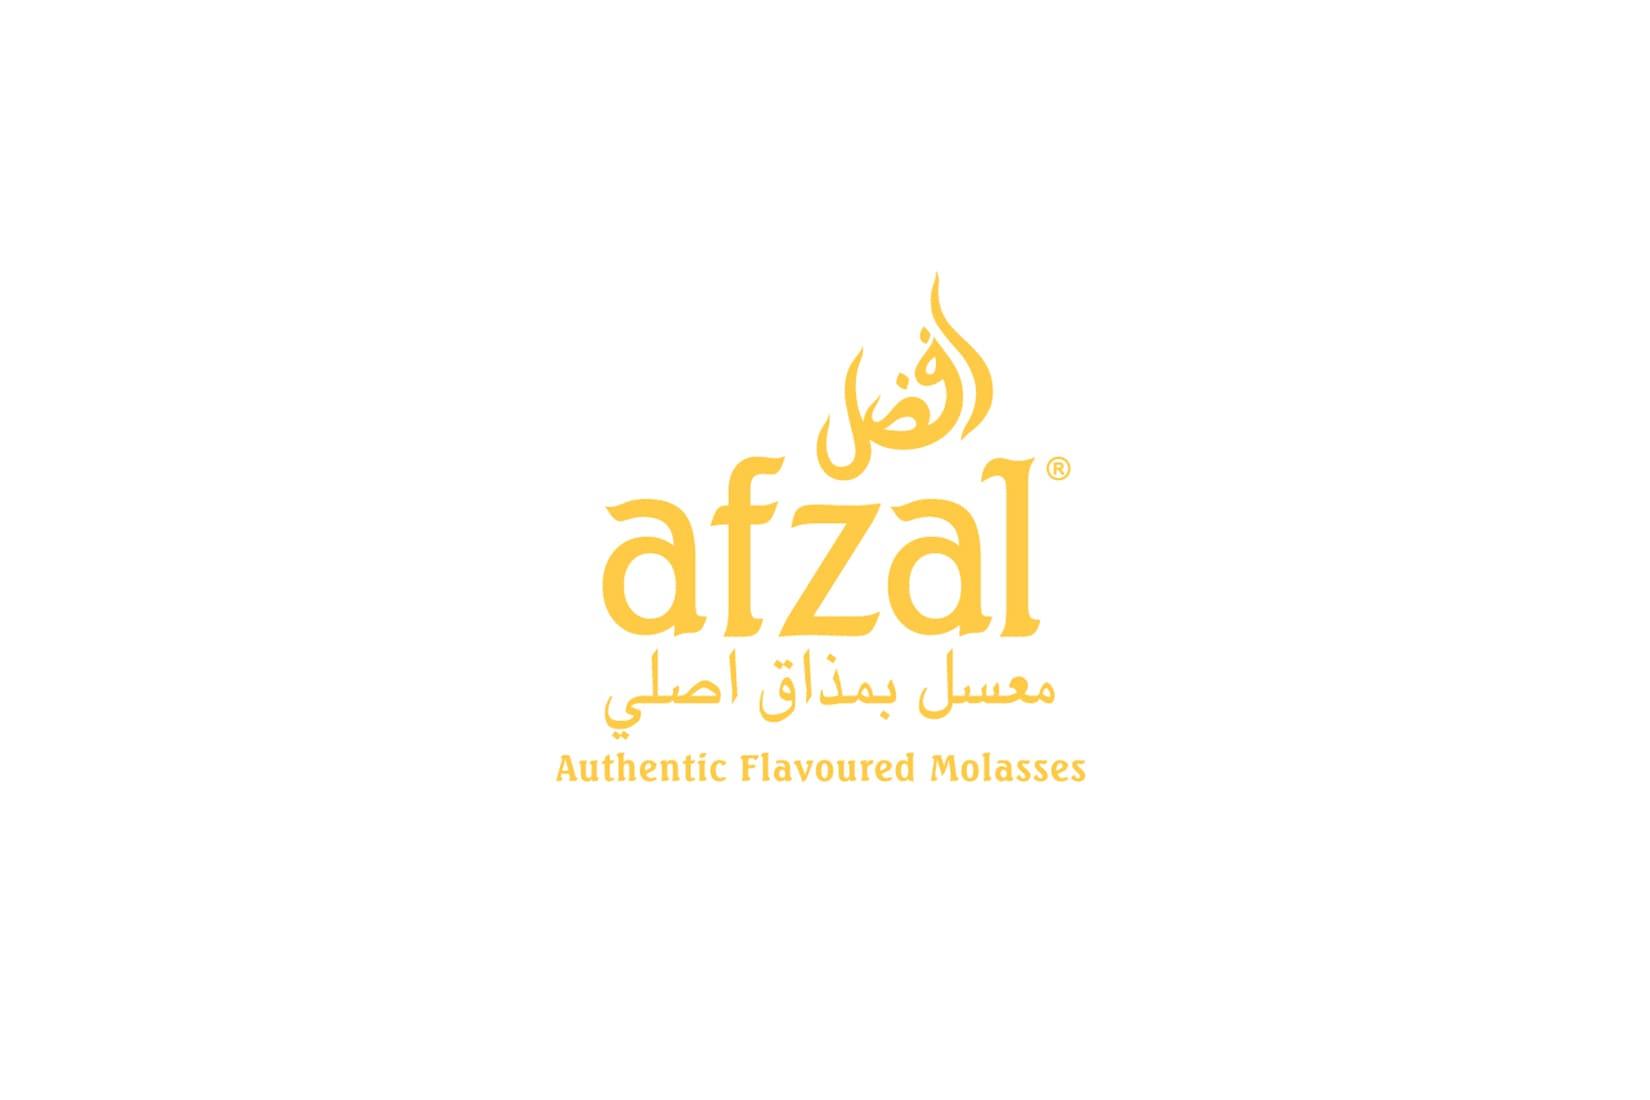 Табак для кальяна Afzal: описание, вкусы, миксы, отзывы